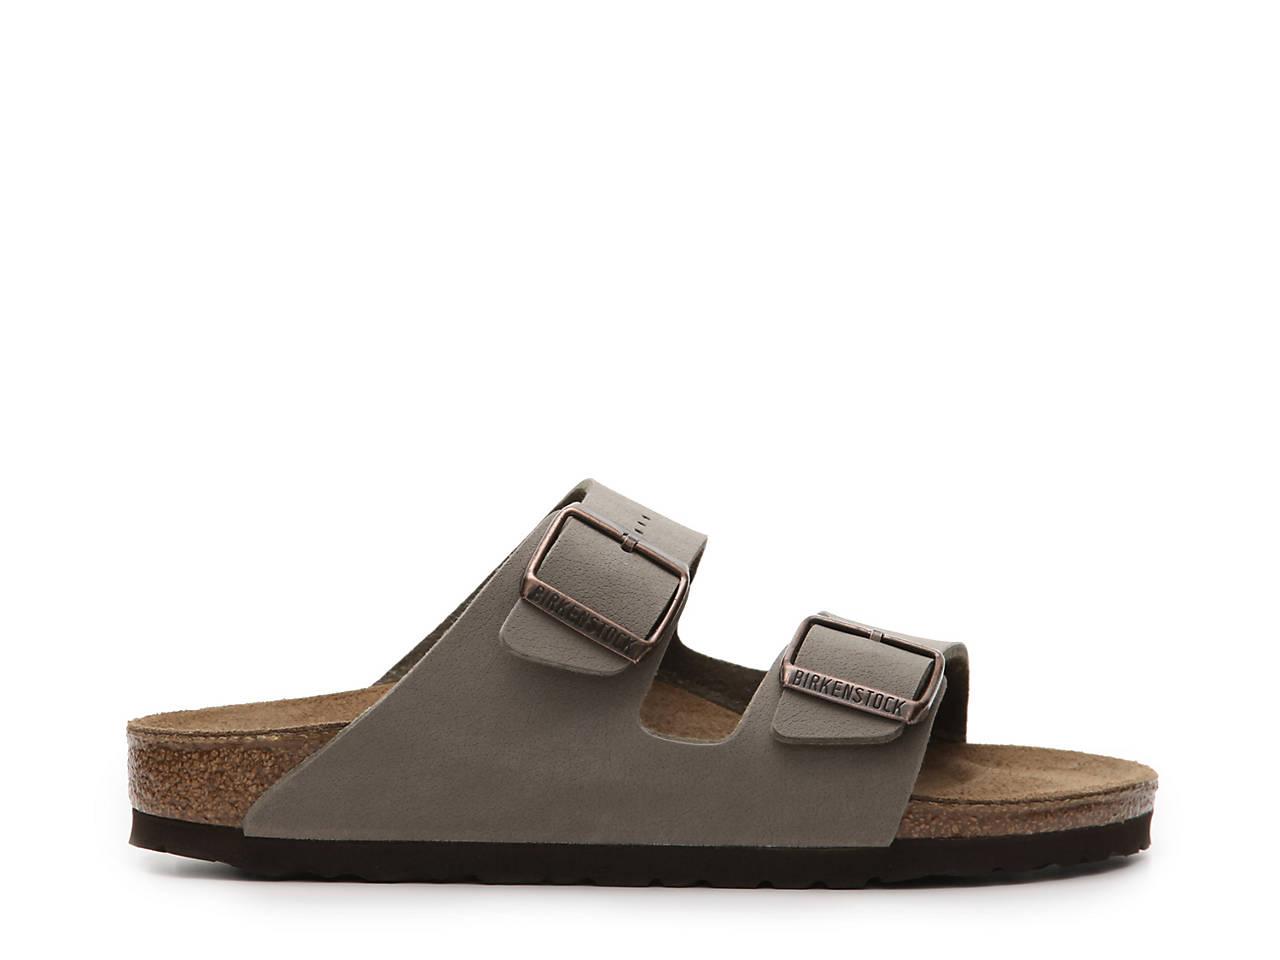 18f8dccfa9d6 Birkenstock Arizona Slide Sandal - Women s Women s Shoes